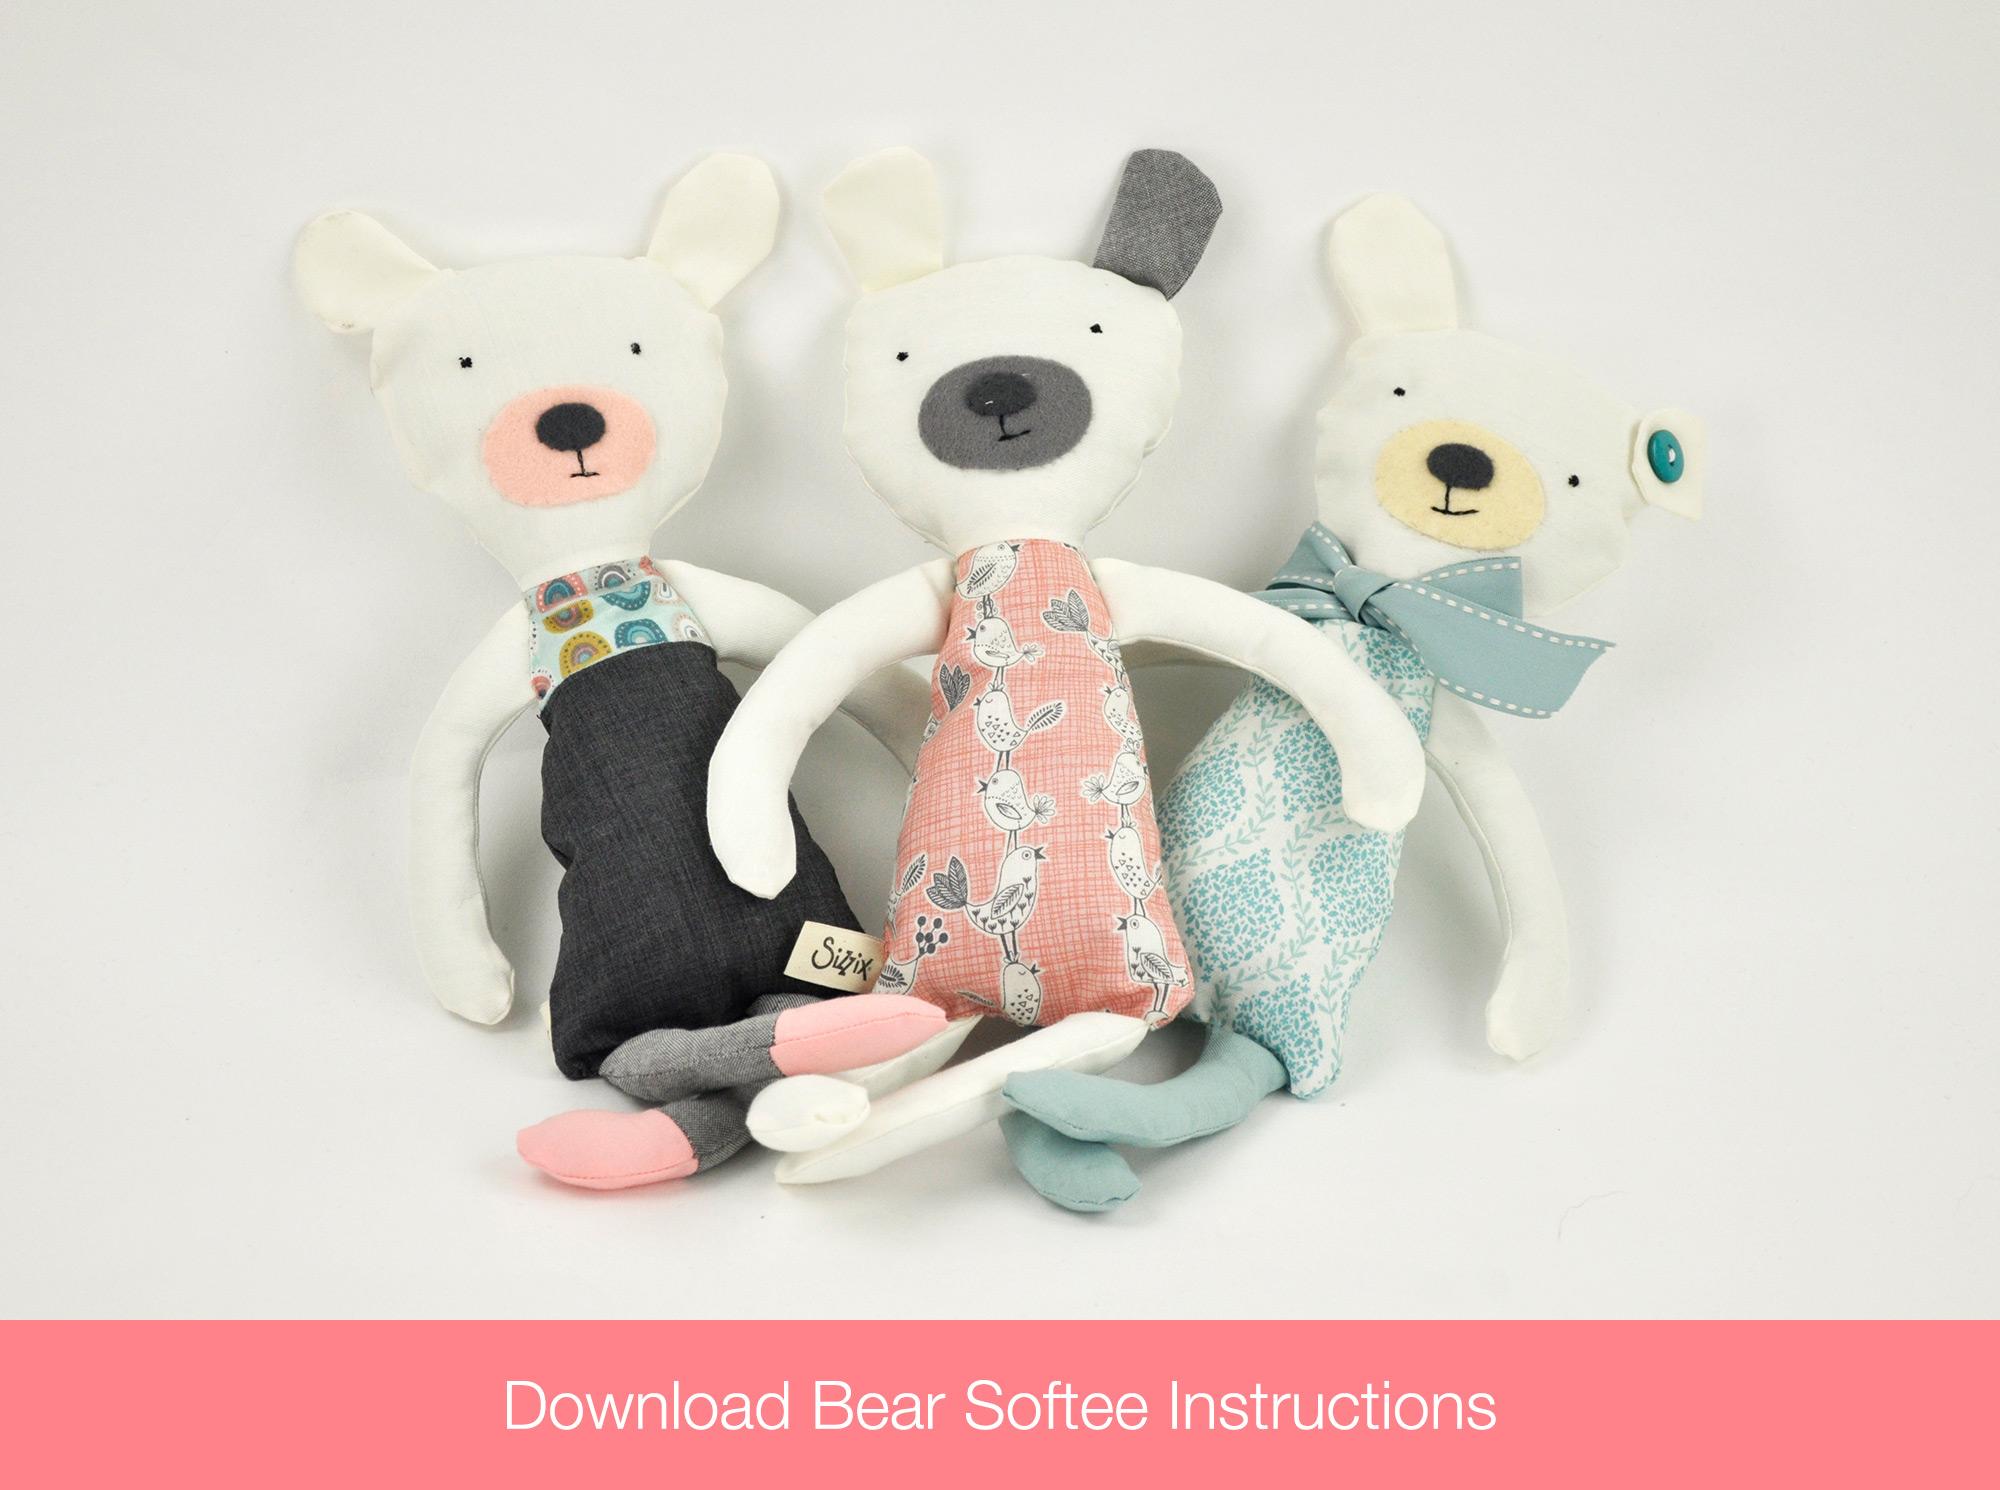 Bear Softee